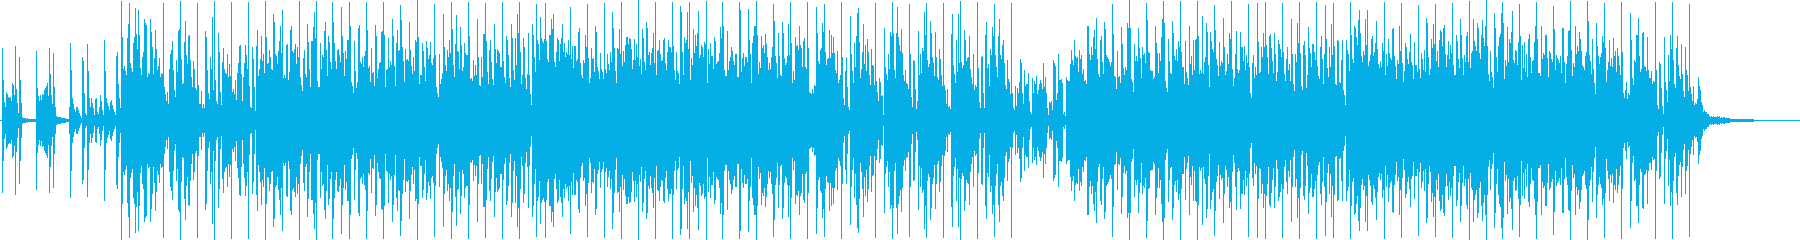 ピアノとリズムトラックによるバラードの再生済みの波形